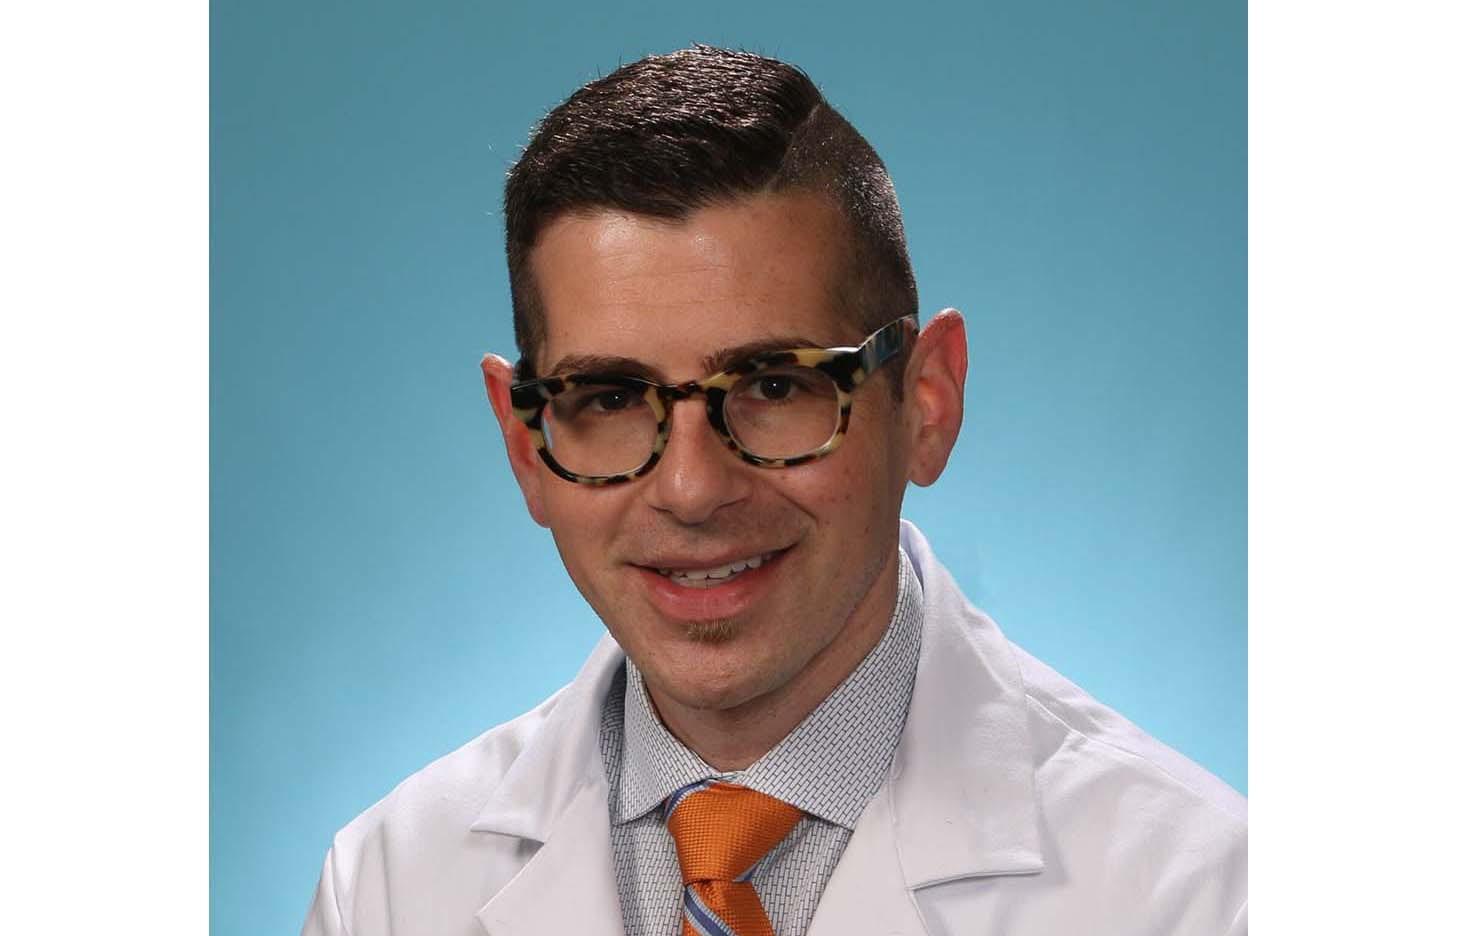 Moreno seeks precision medicine for genetic heart condition